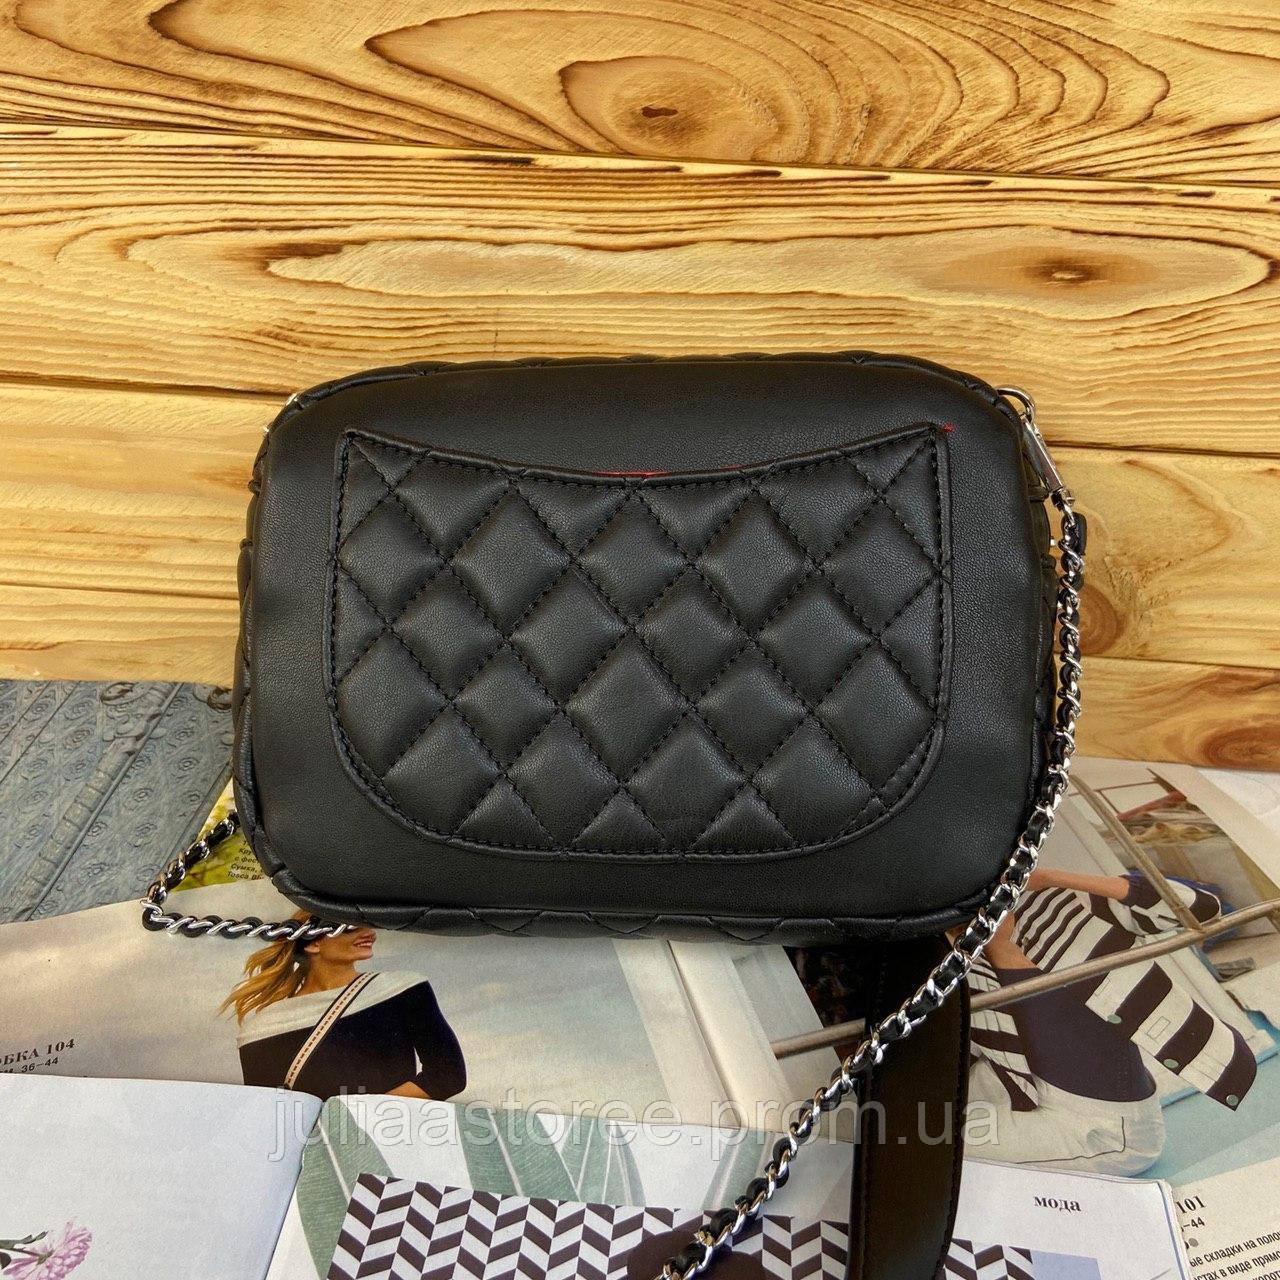 Женская сумка на цепочке через плечо Chanel Шанель реплика 5